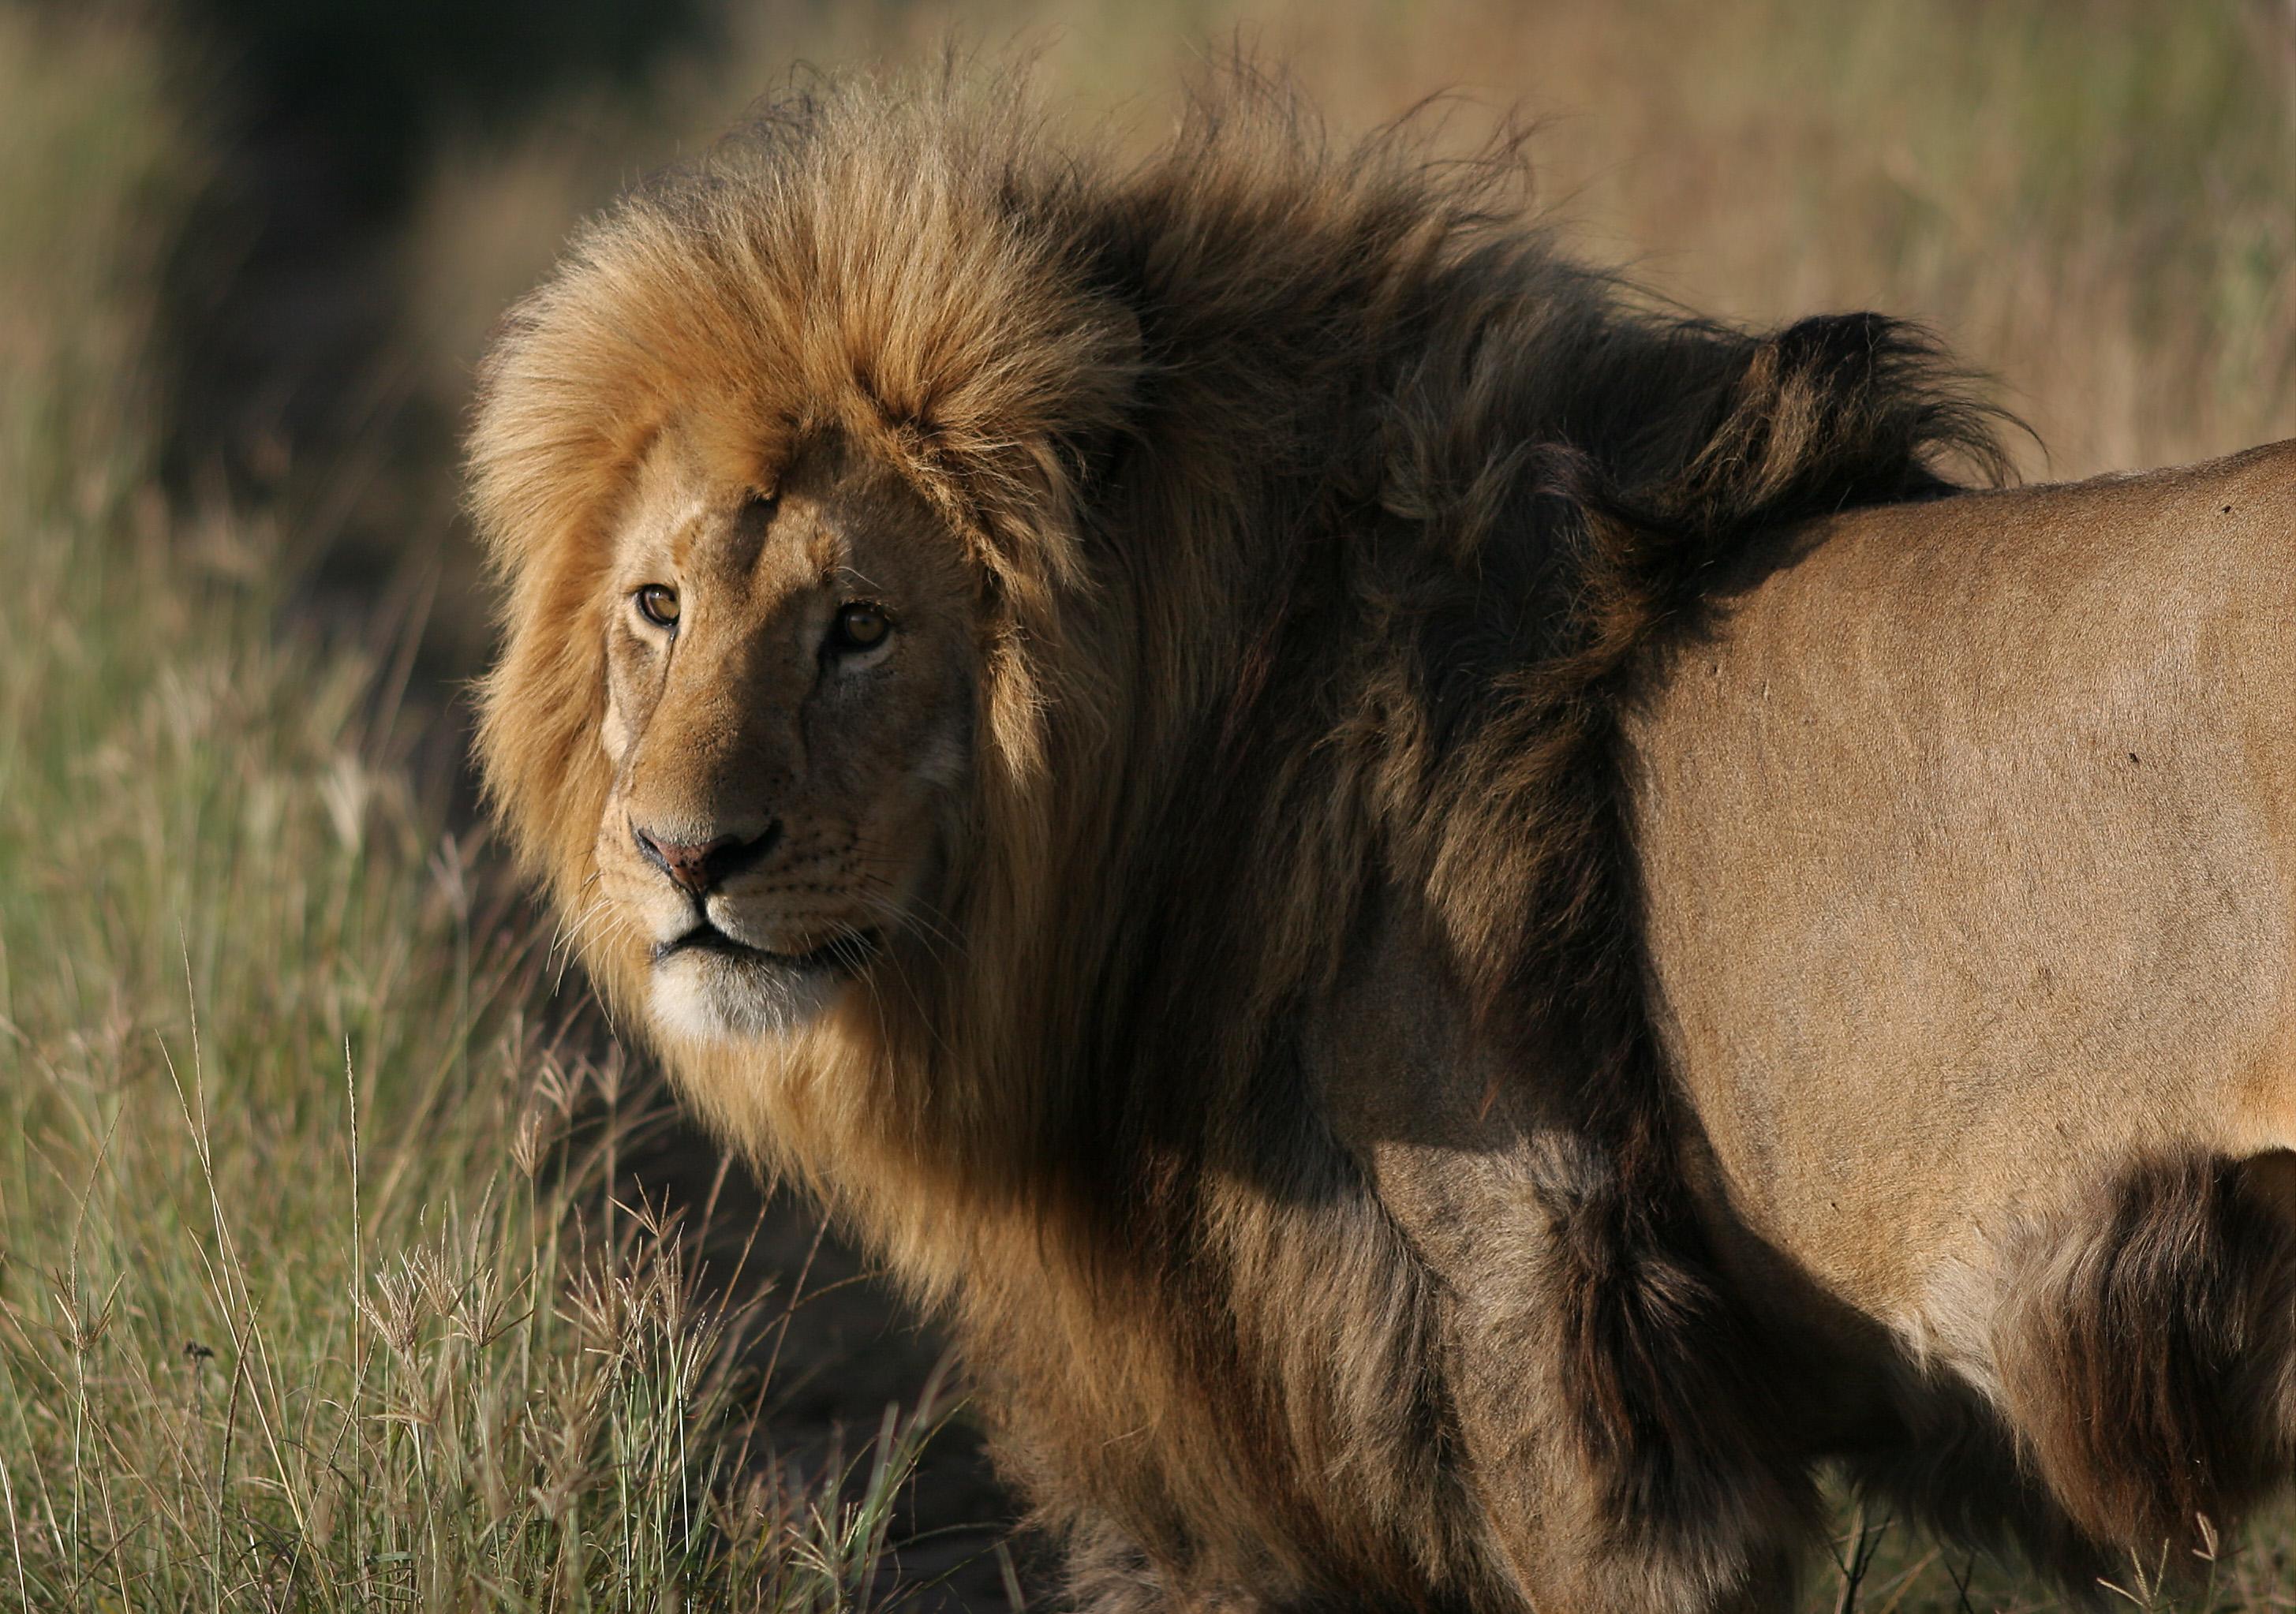 70403 Protetores de tela e papéis de parede Rei Das Feras em seu telefone. Baixe Animais, Leão, Um Leão, Predator, Predador, Gato Grande, Juba, Rei Das Feras, Rei Das Bestas fotos gratuitamente